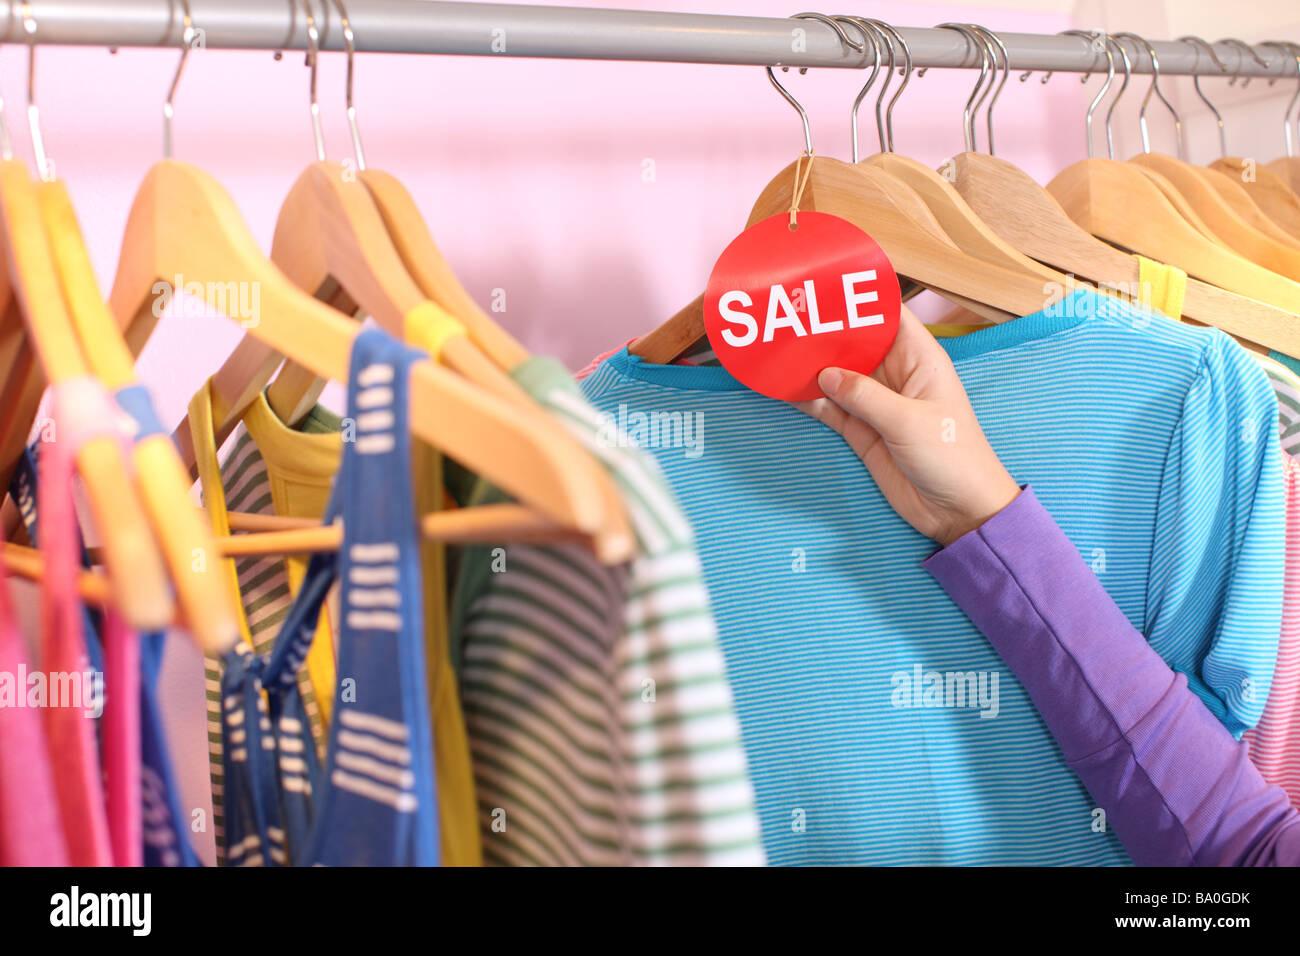 Mano sujetando la venta en la tienda de ropa de etiqueta Imagen De Stock